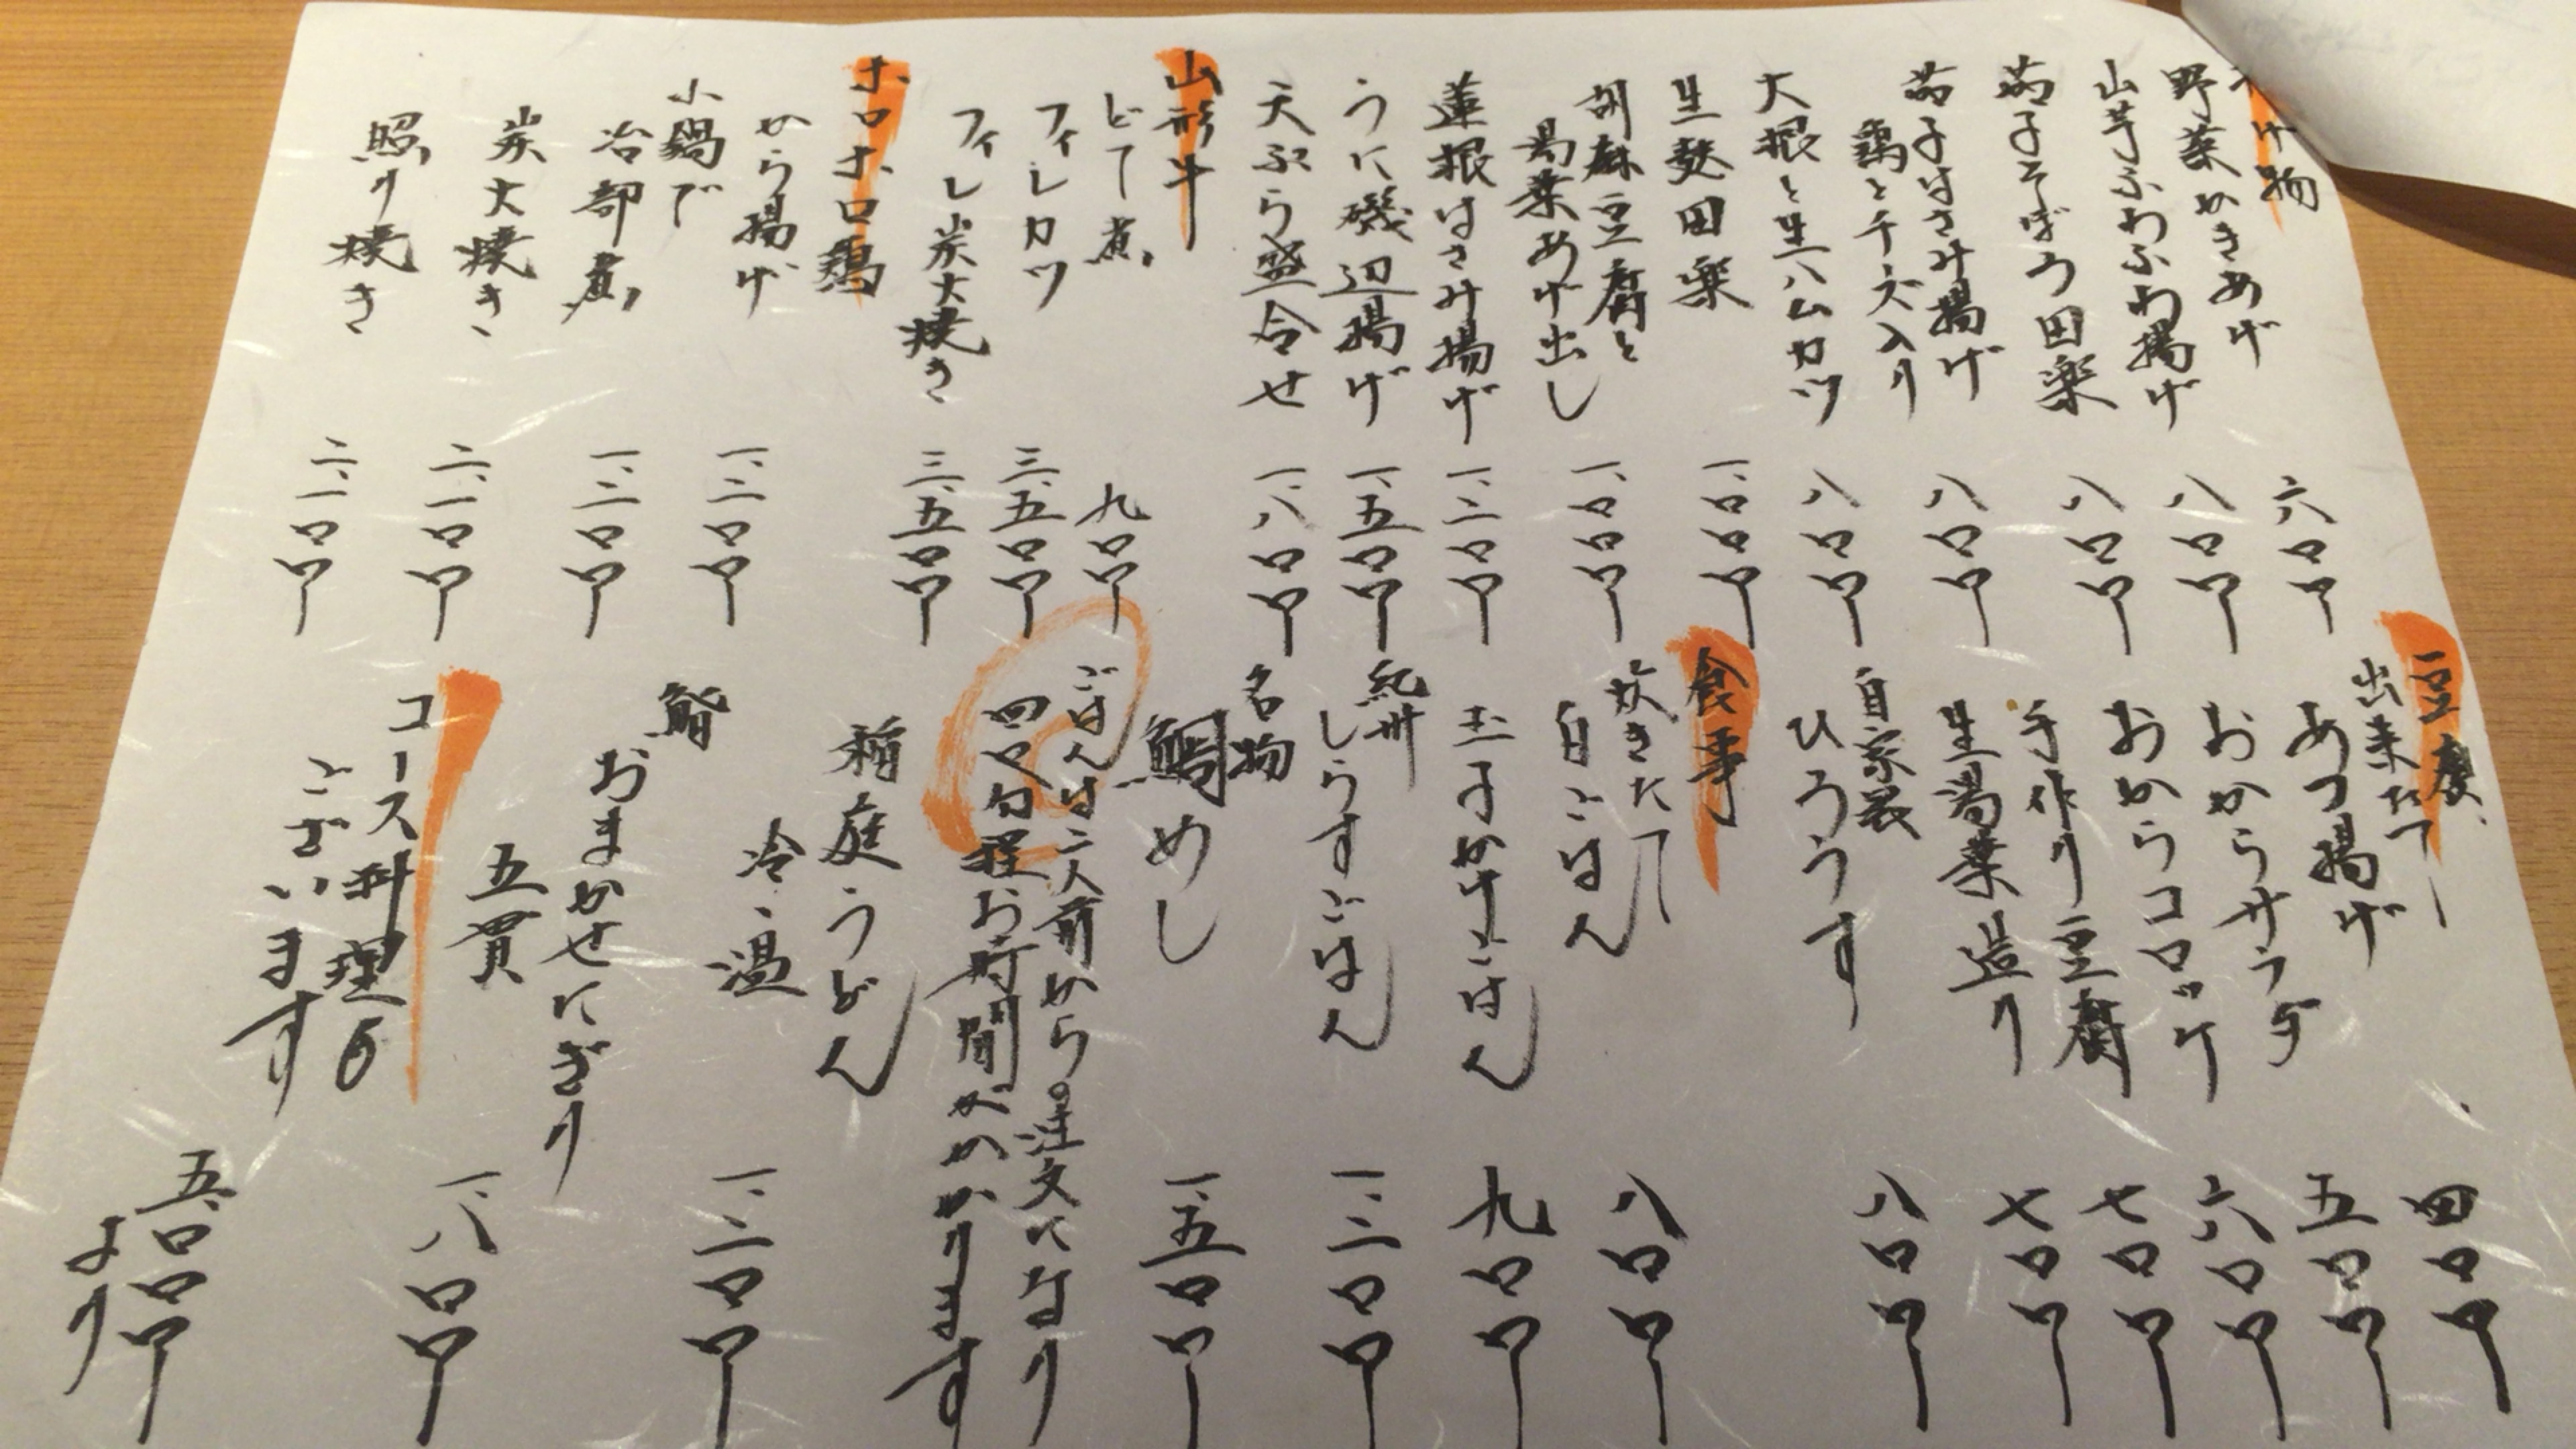 大阪ミナミの宗衛門町にある小料理・割烹『旬草hide』メニューごはん